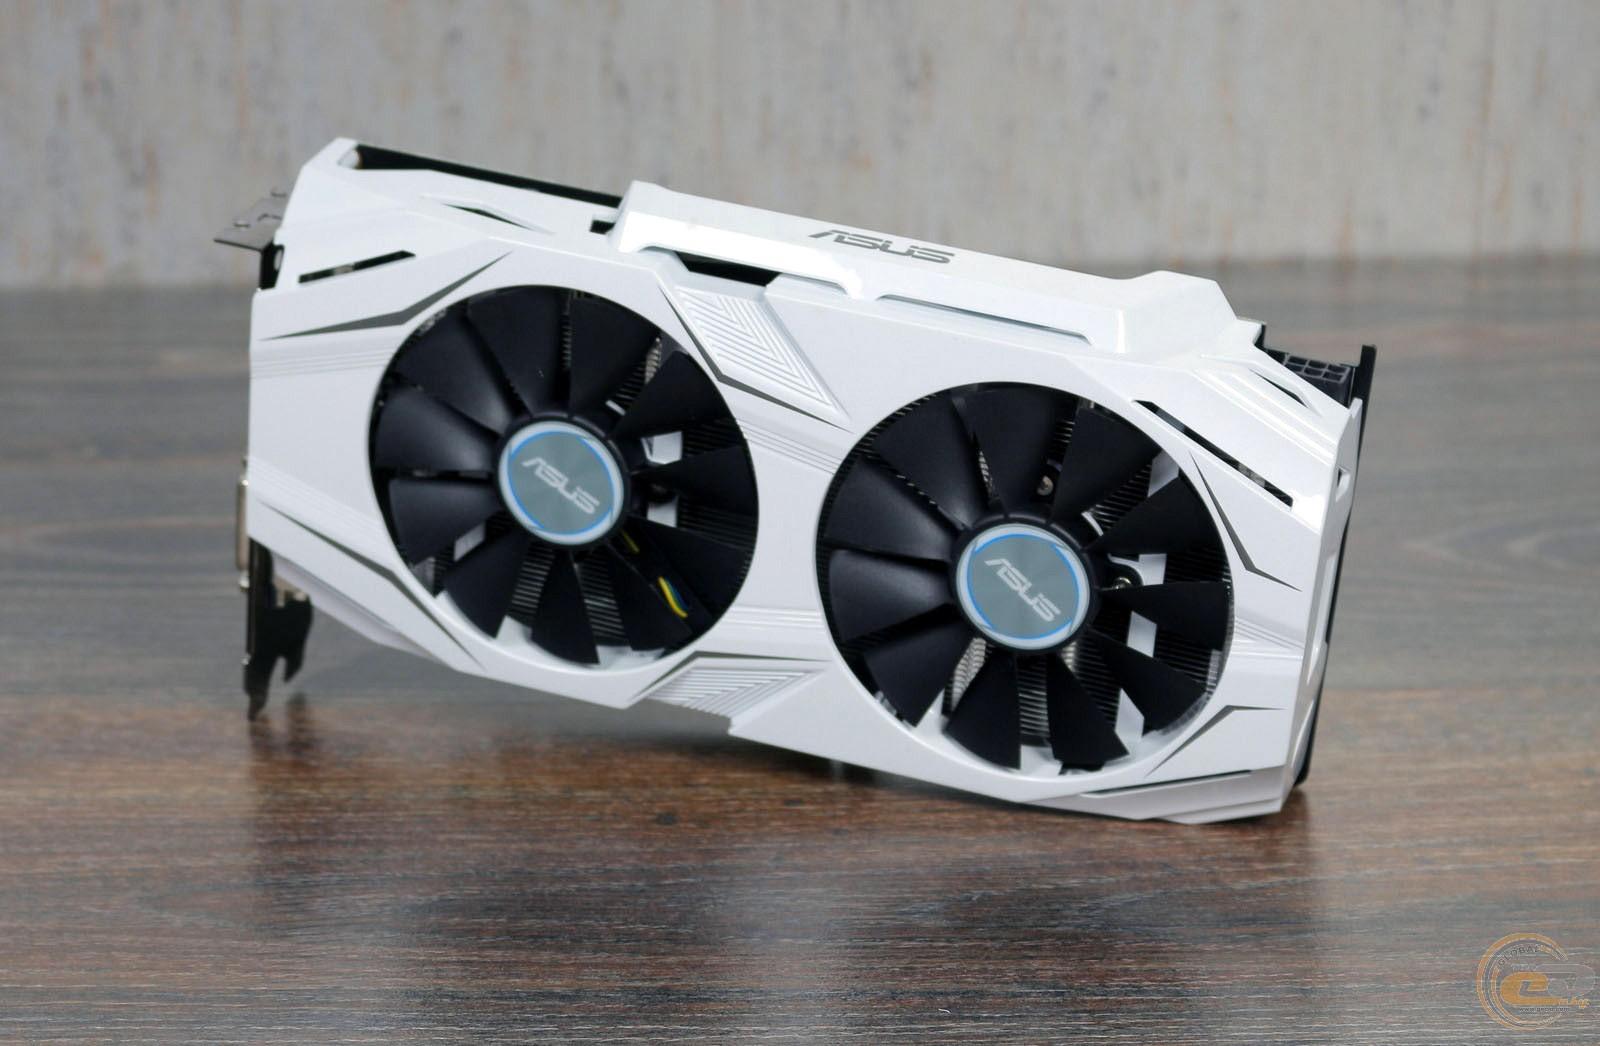 Обзор и тестирование видеокарты ASUS DUAL GeForce GTX 1060 6GB